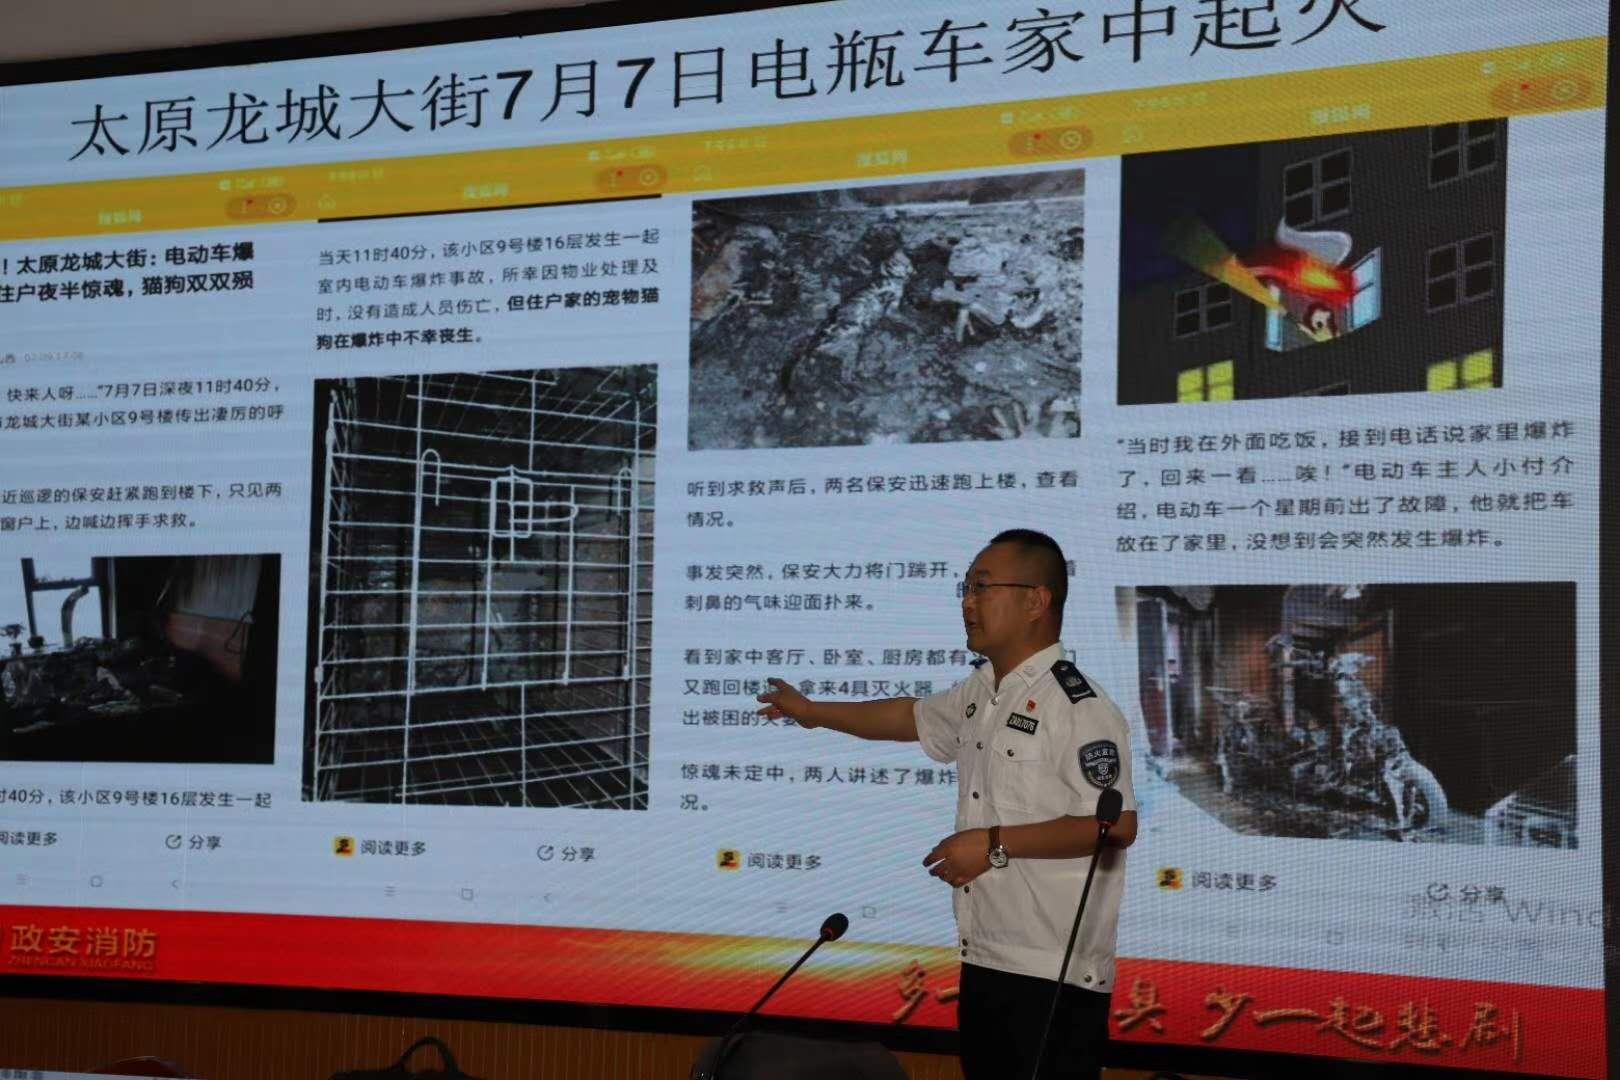 太原雷竞技电竞为祁县人民检察院开展2020年度雷竞技培训